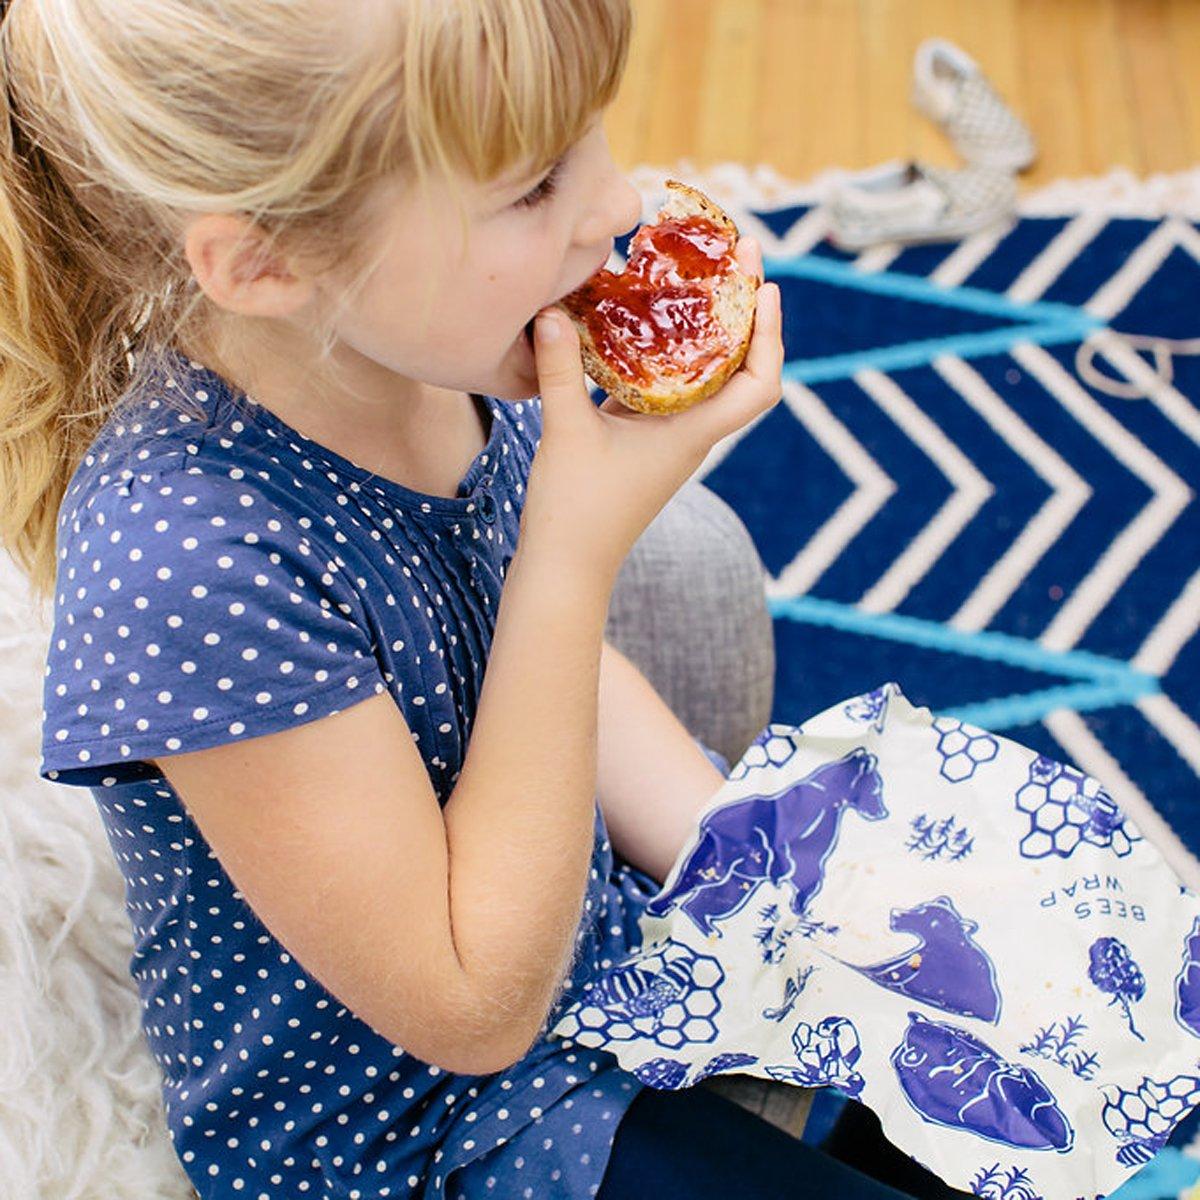 Ako zabaliť deťom desiatu – efektívne, bez odpadu, ekologicky a zdravo